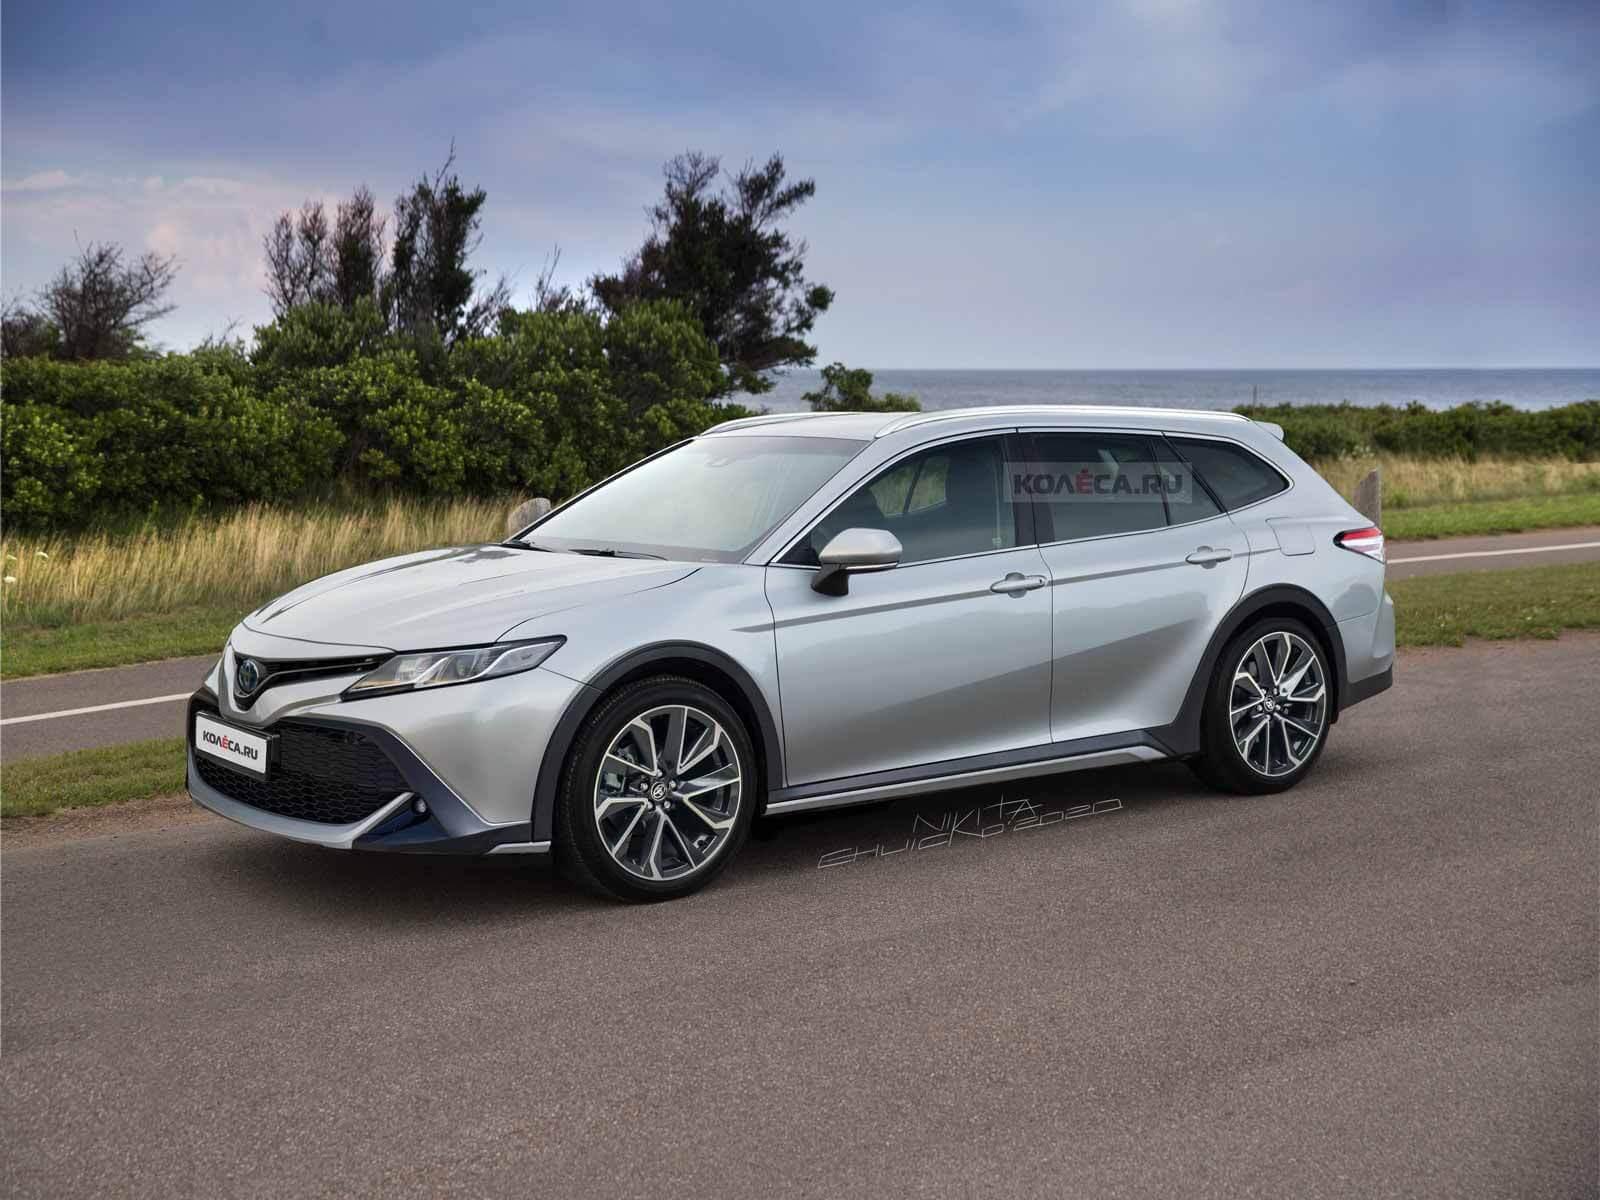 Новая универсальная Toyota Camry - KOLESA.ru - автомобильный журнал